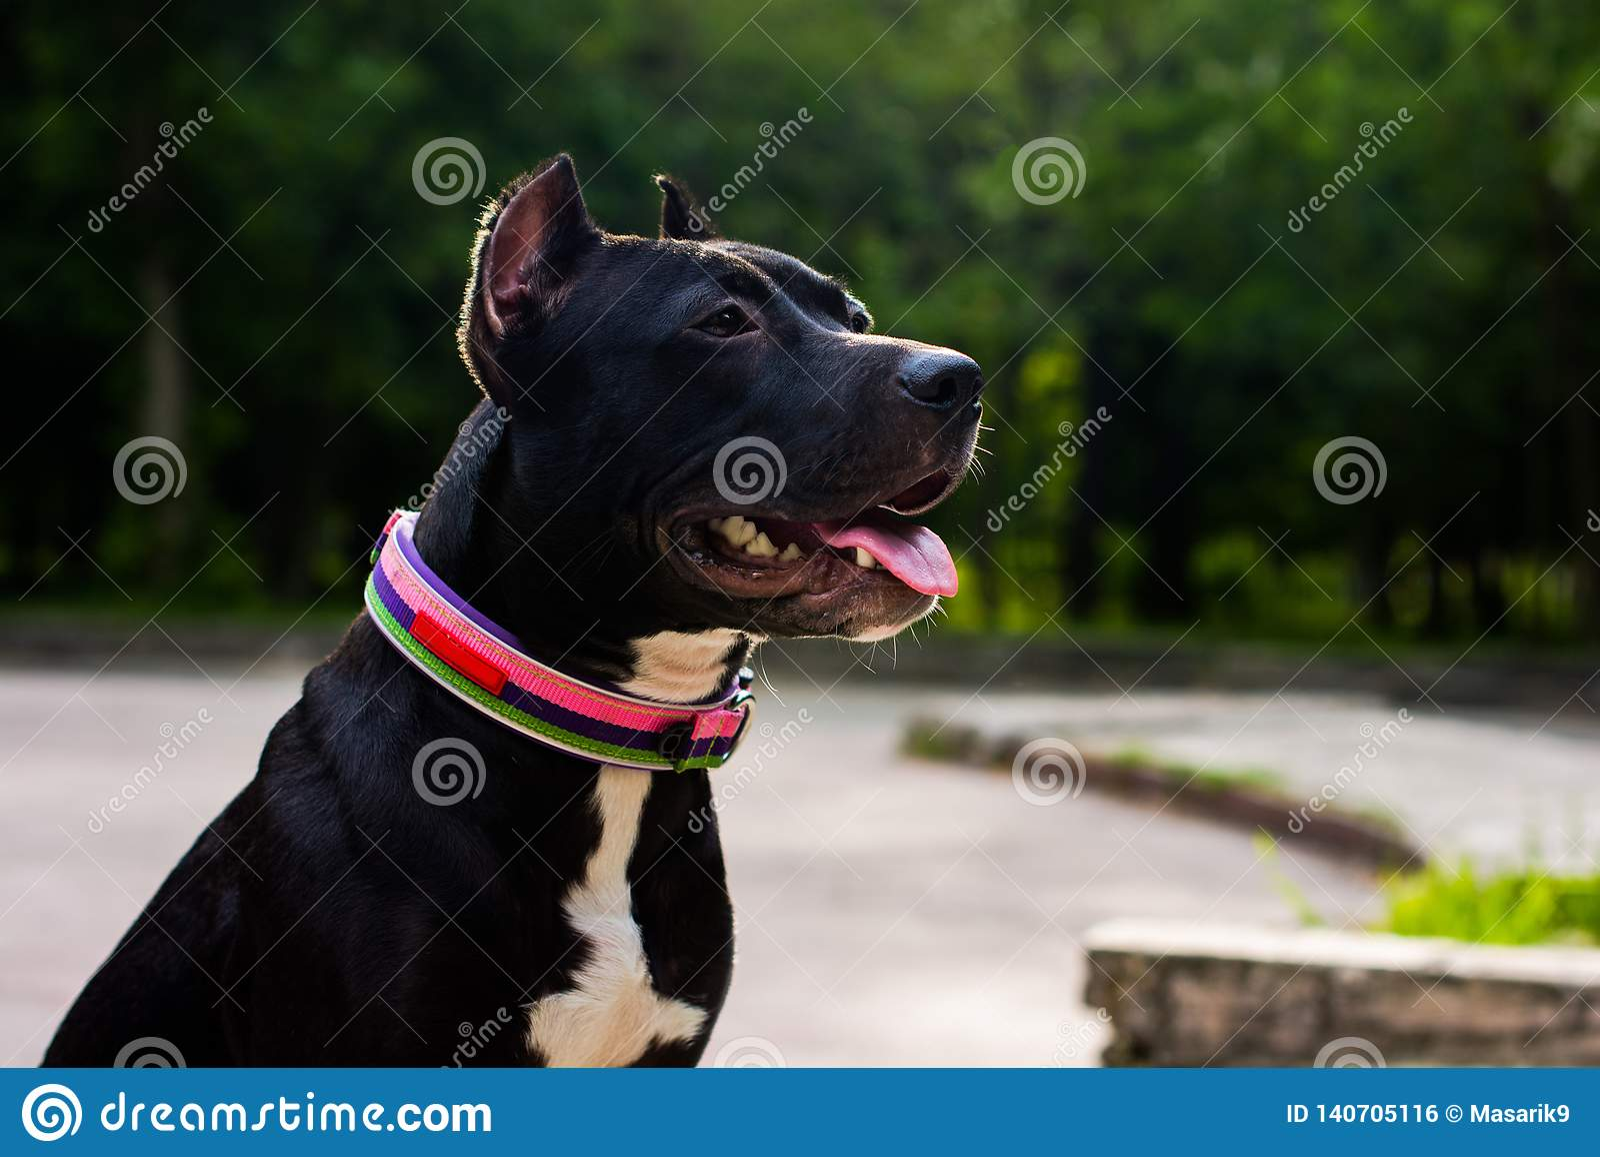 Horizontales Porträt Schwarzweiss-American Pit Bull Terrier in einem Kragen sitzt und lächelt mit der Zunge im Park